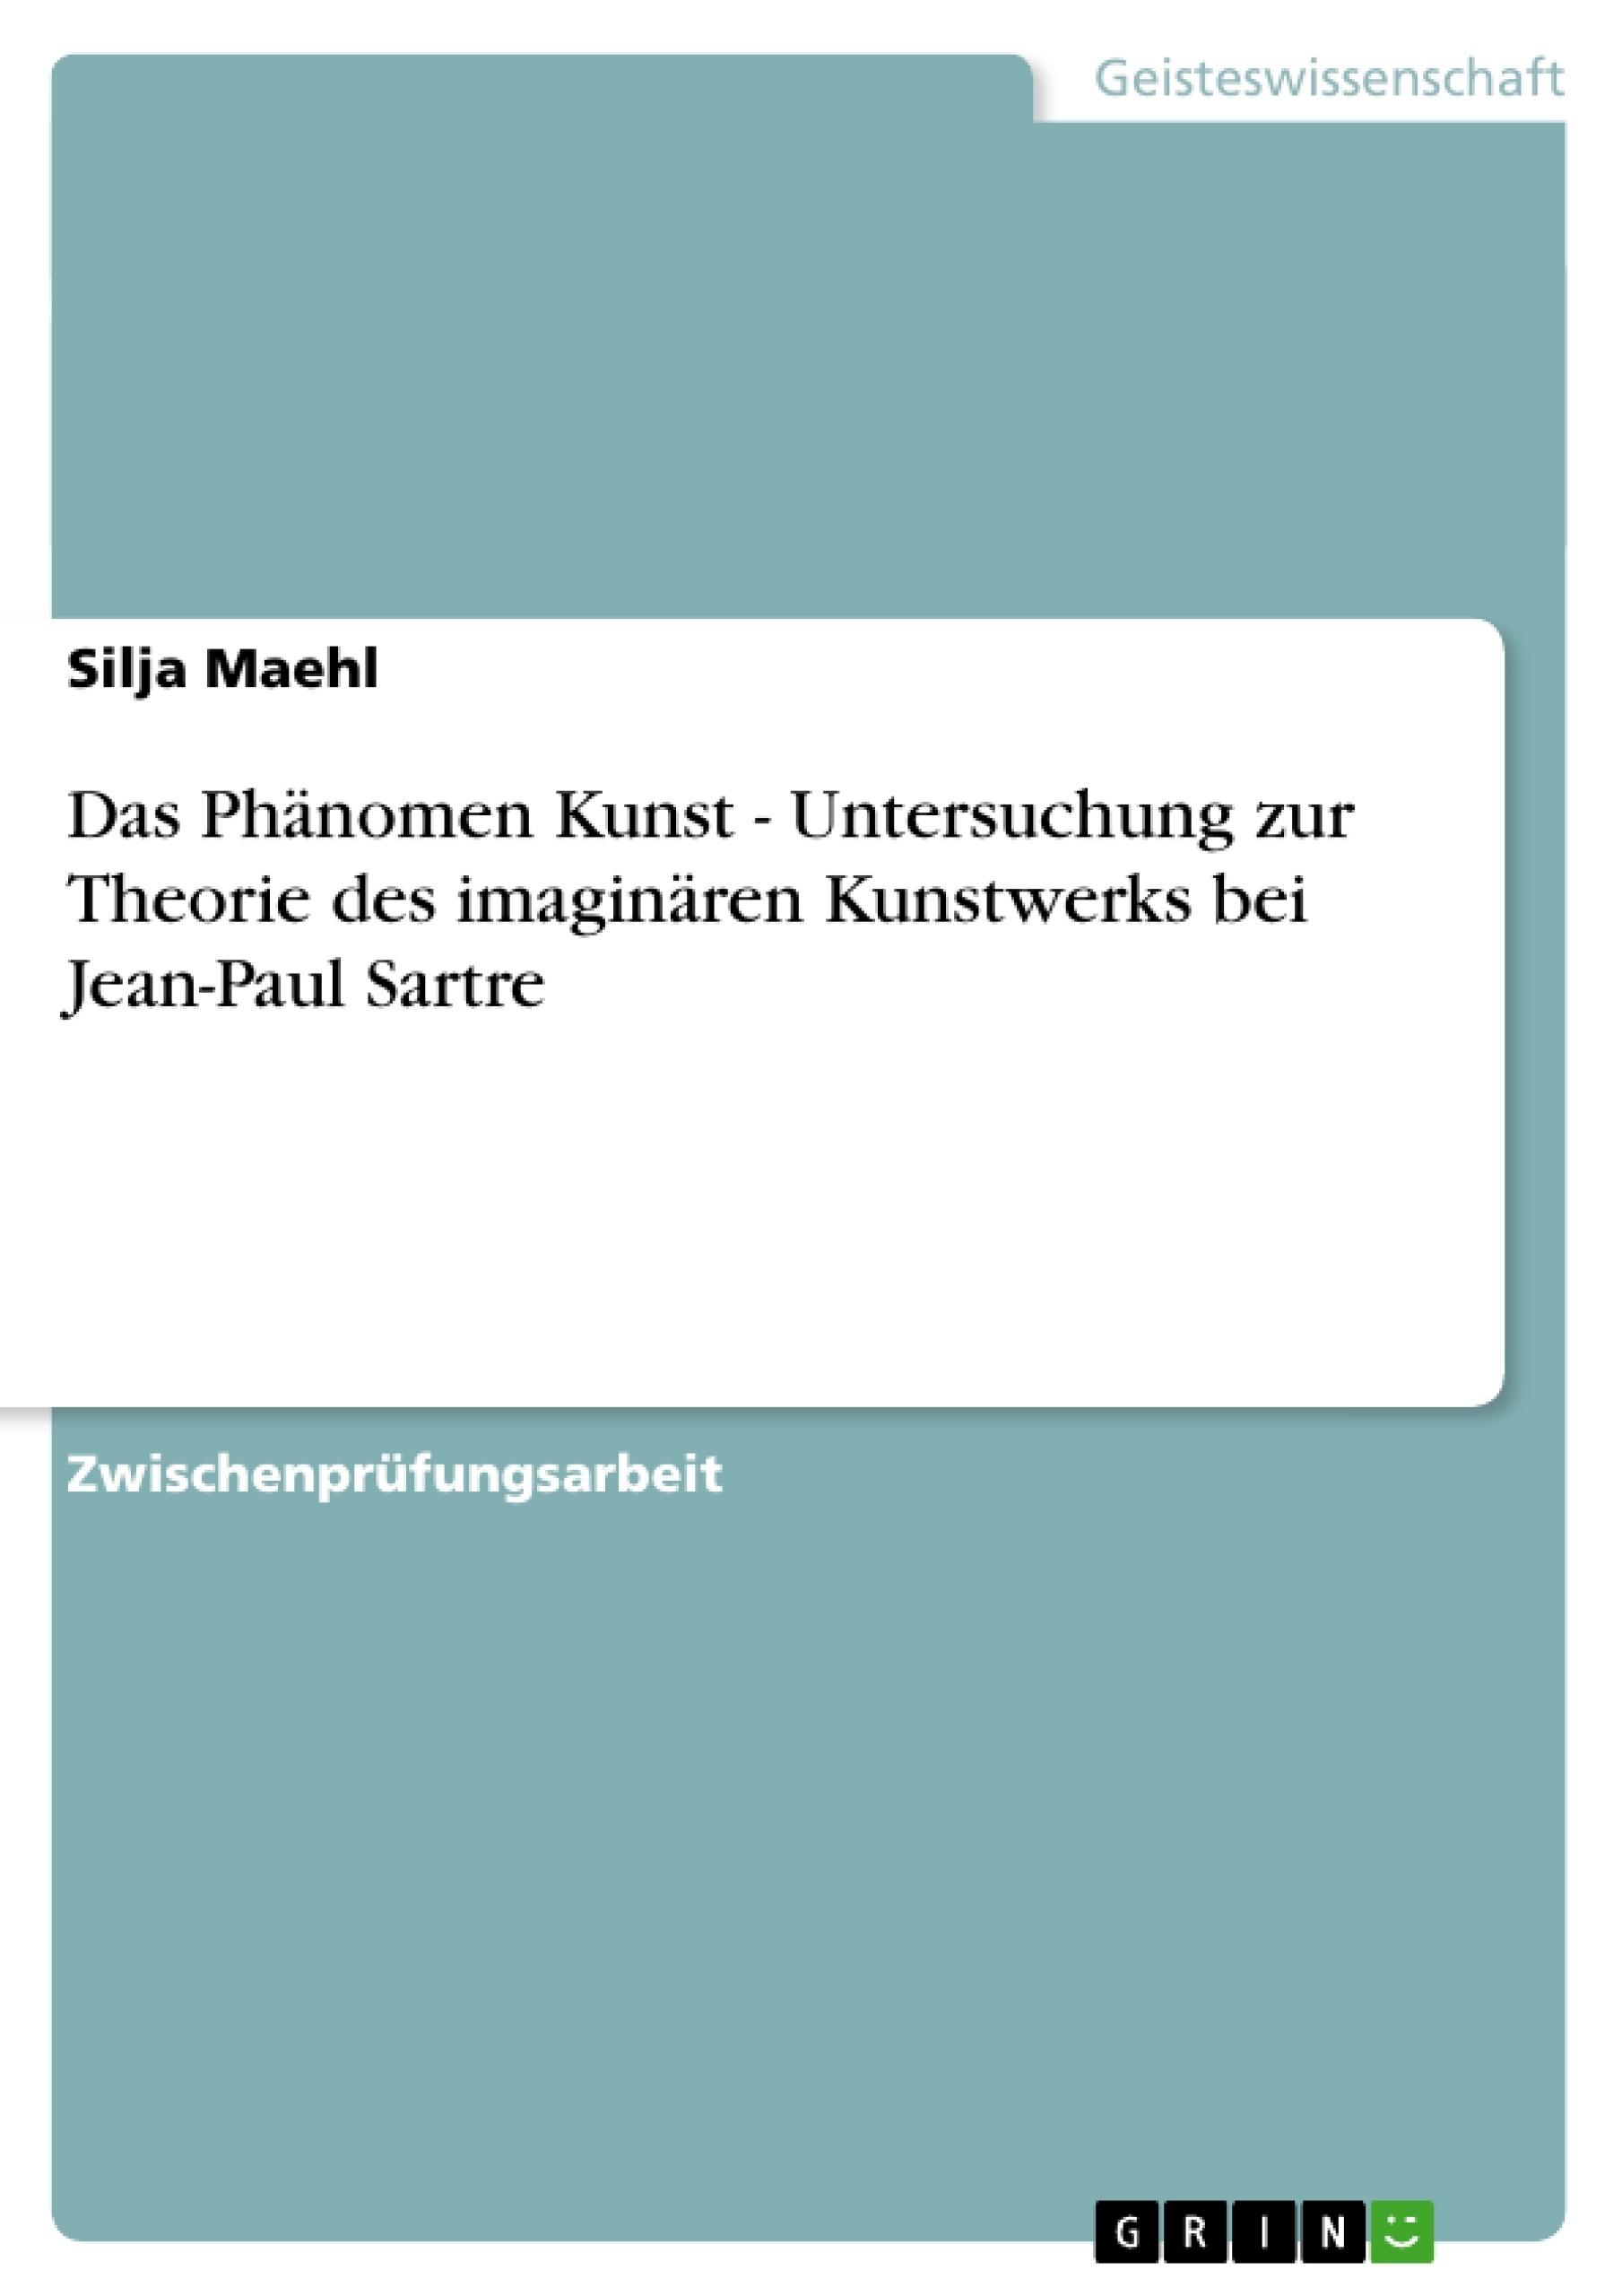 Titel: Das Phänomen Kunst - Untersuchung zur Theorie des imaginären Kunstwerks bei Jean-Paul Sartre